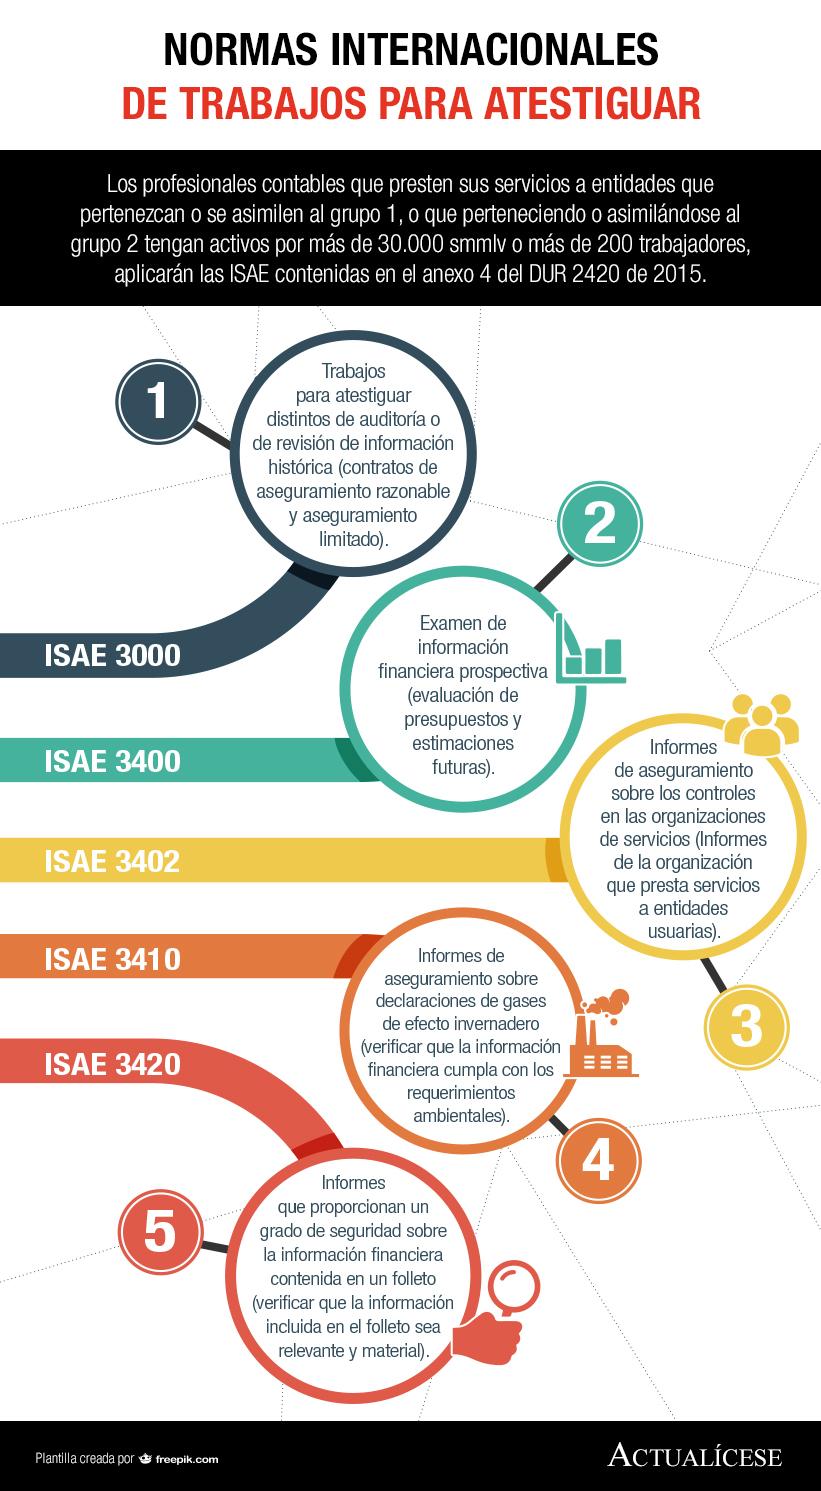 [Infografía] Normas Internacionales de Trabajos para Atestiguar